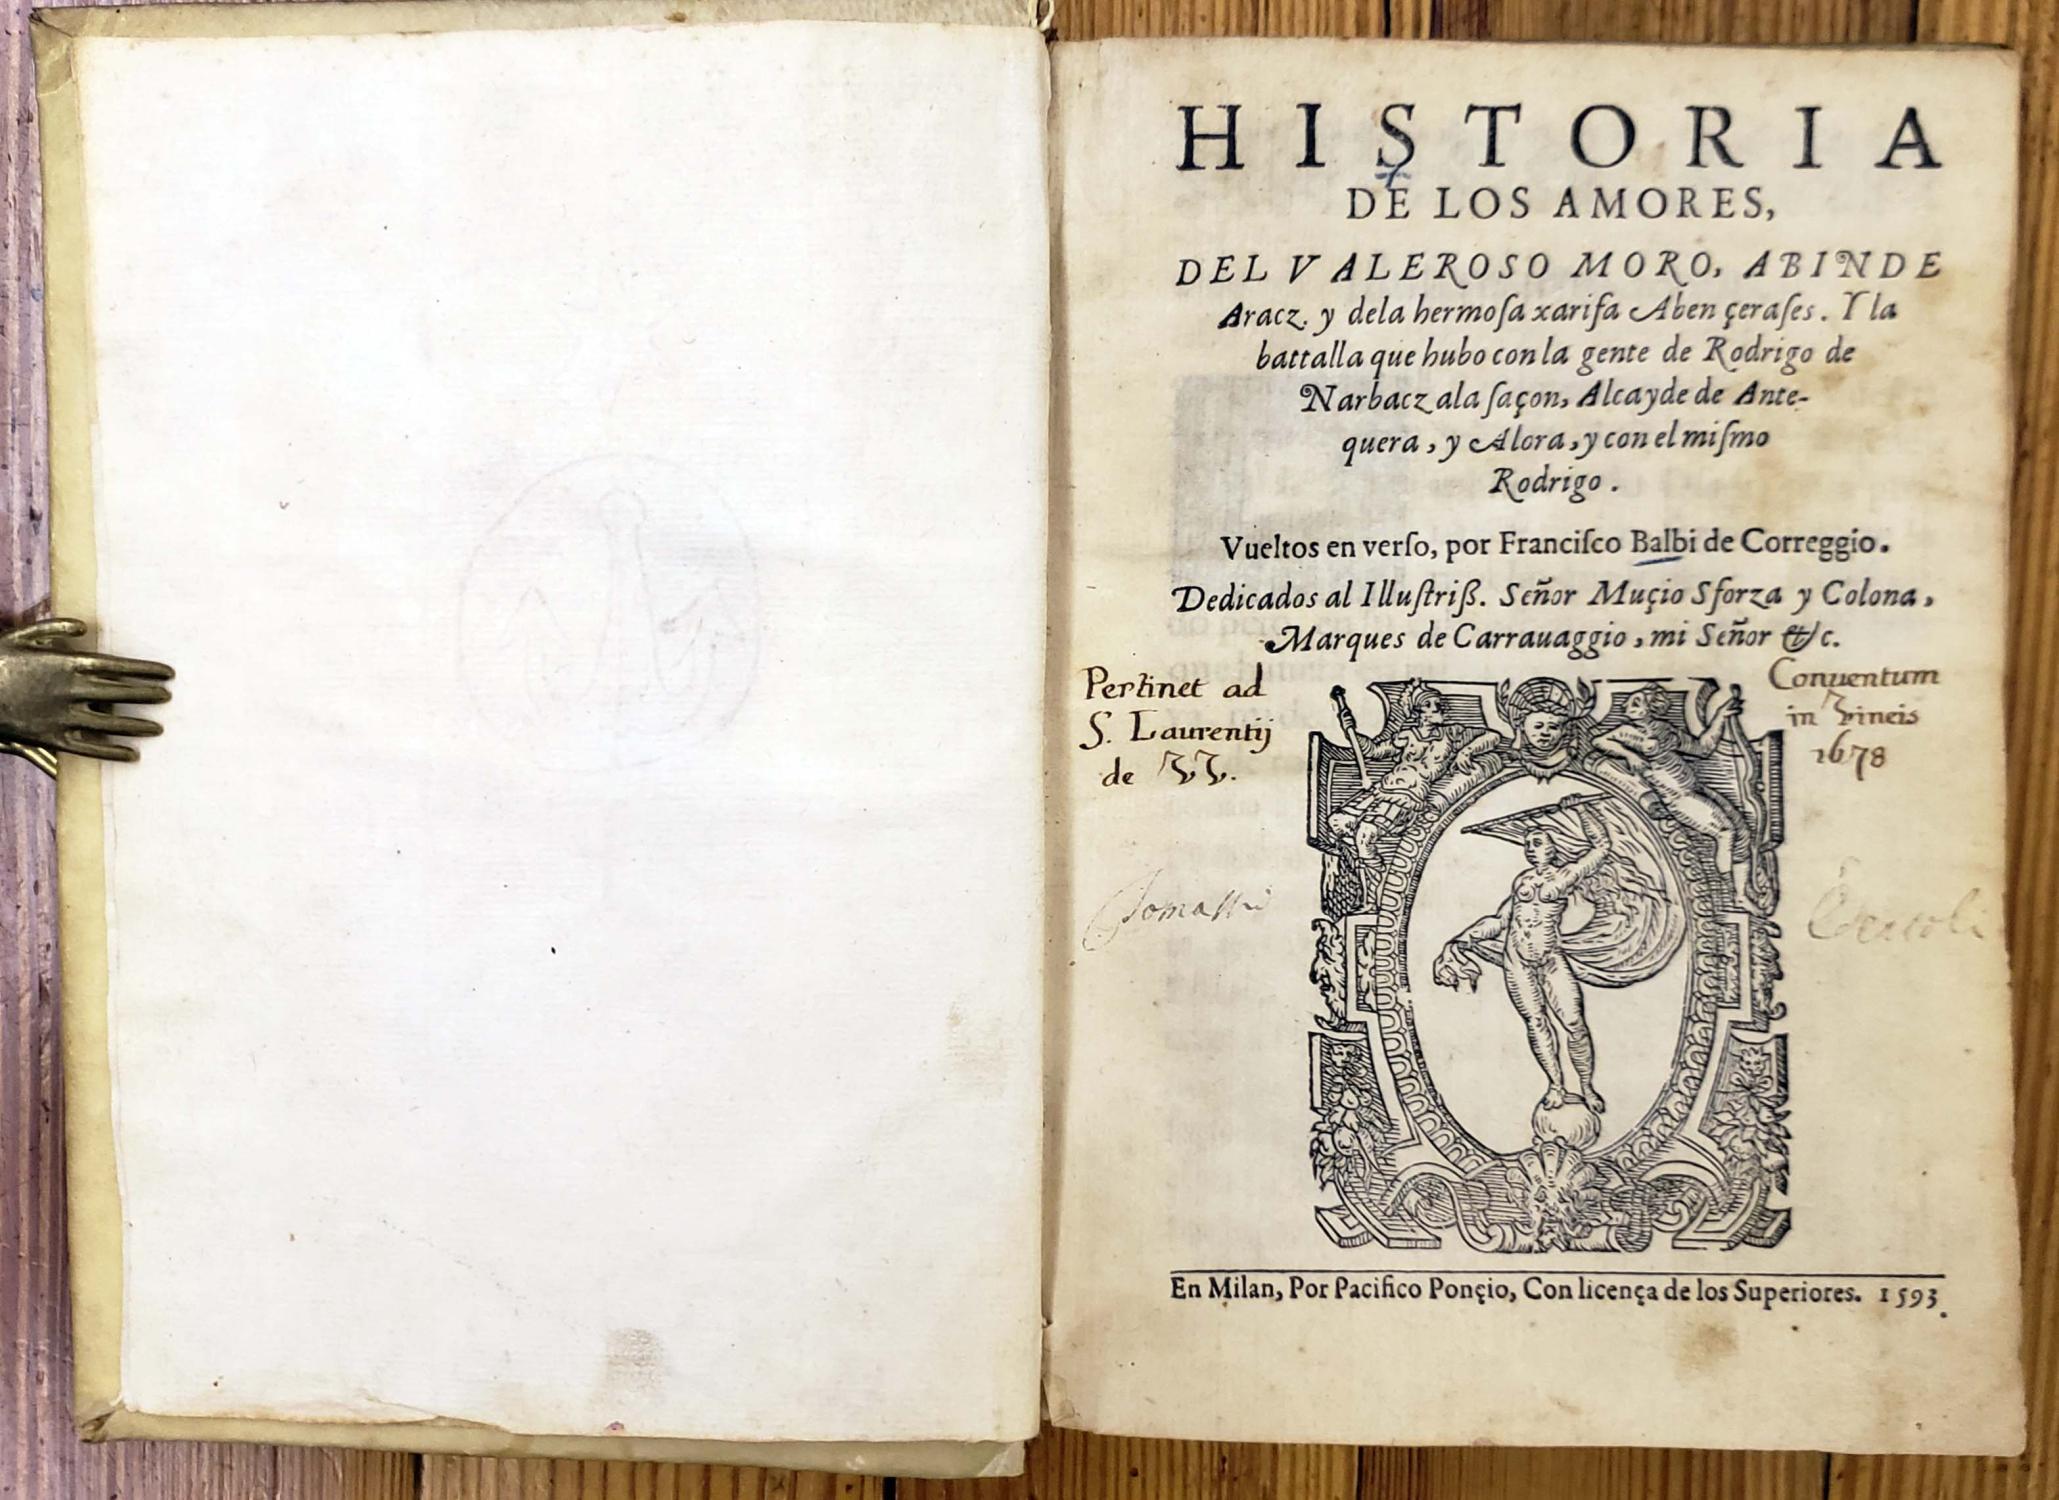 Colori In Luce Correggio vialibri ~ rare books from 1593 - page 8